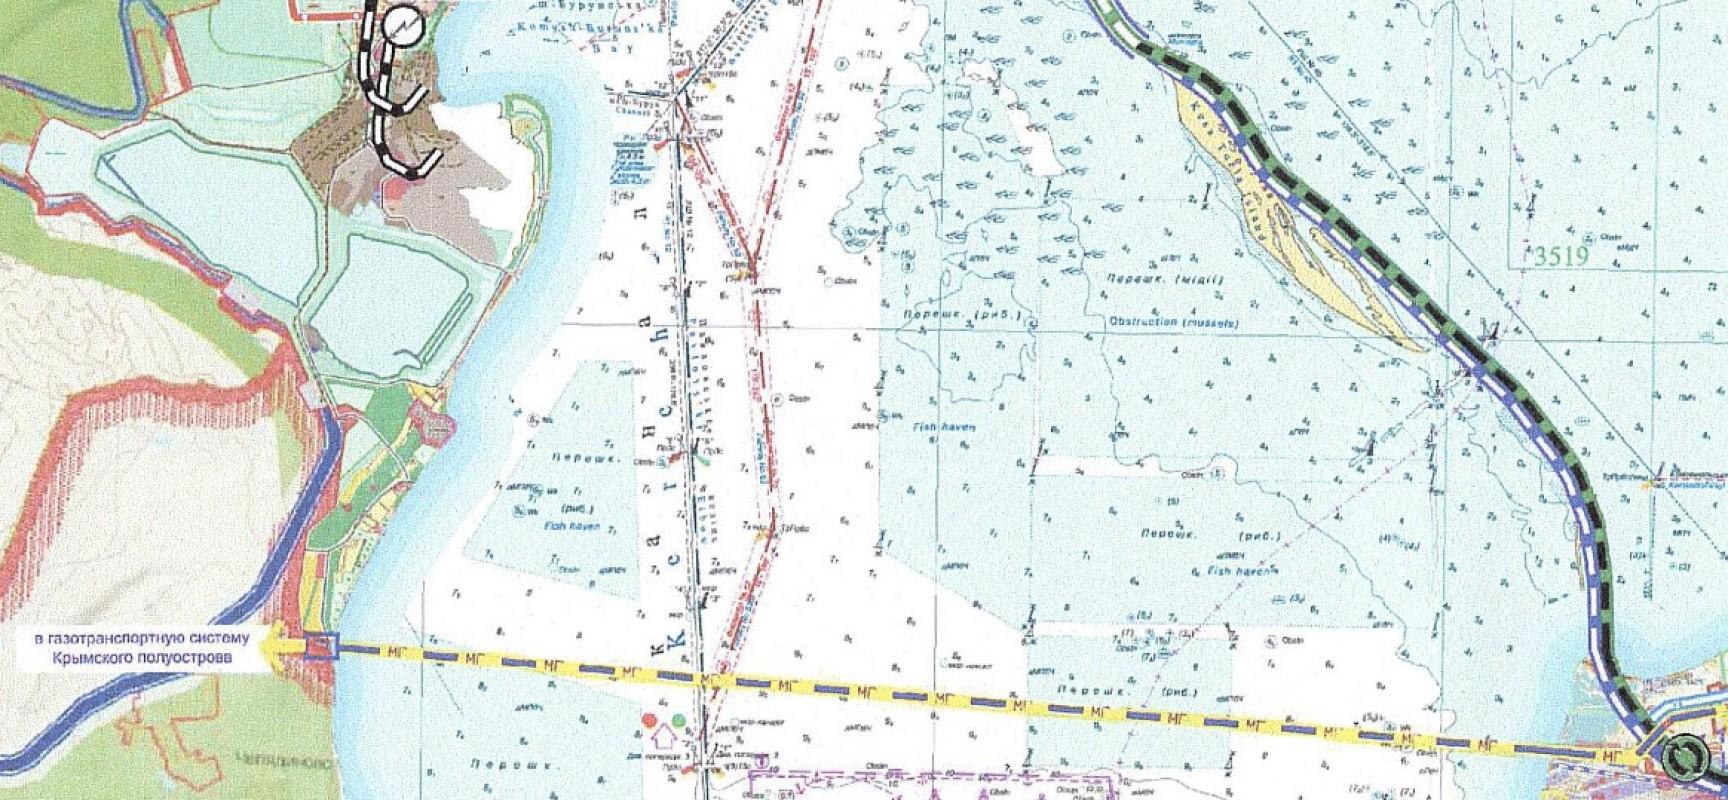 Прошли общественные слушания по оценке воздействия на окружающую среду строительства магистрального газопровода «Краснодарский край-Крым»